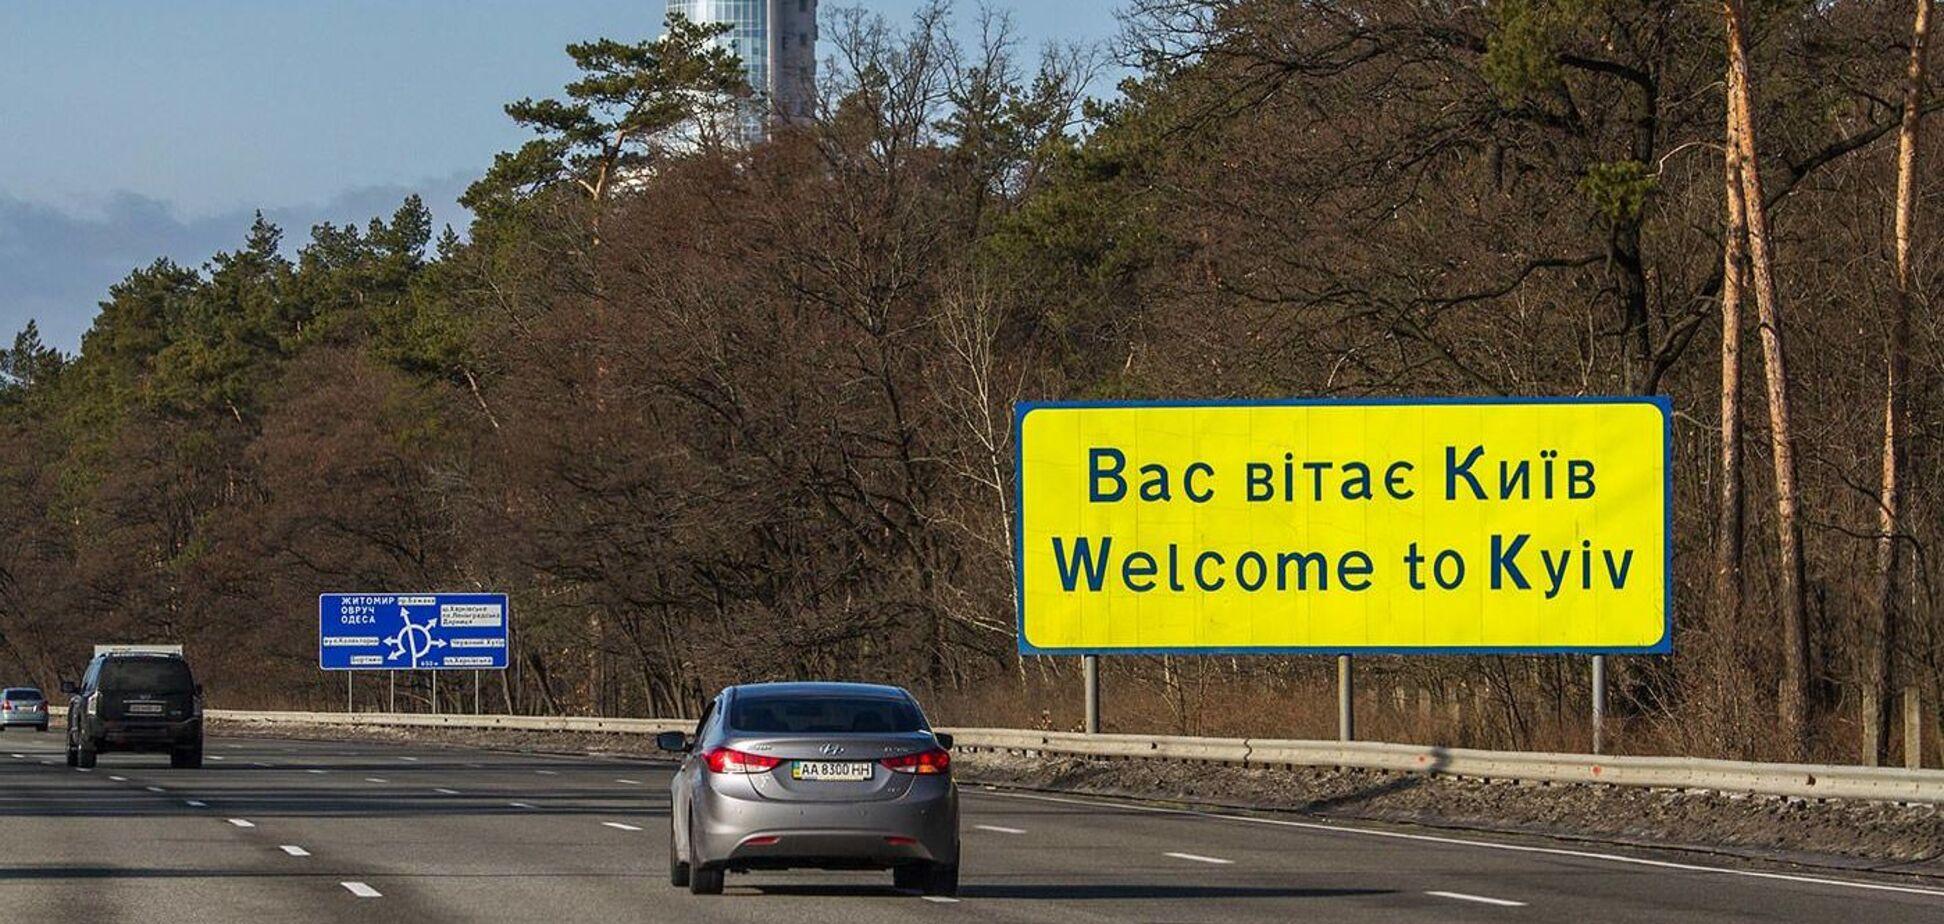 Київ ніхто не закривав! У КМДА розвіяли 'фейк' про заборону в'їзду